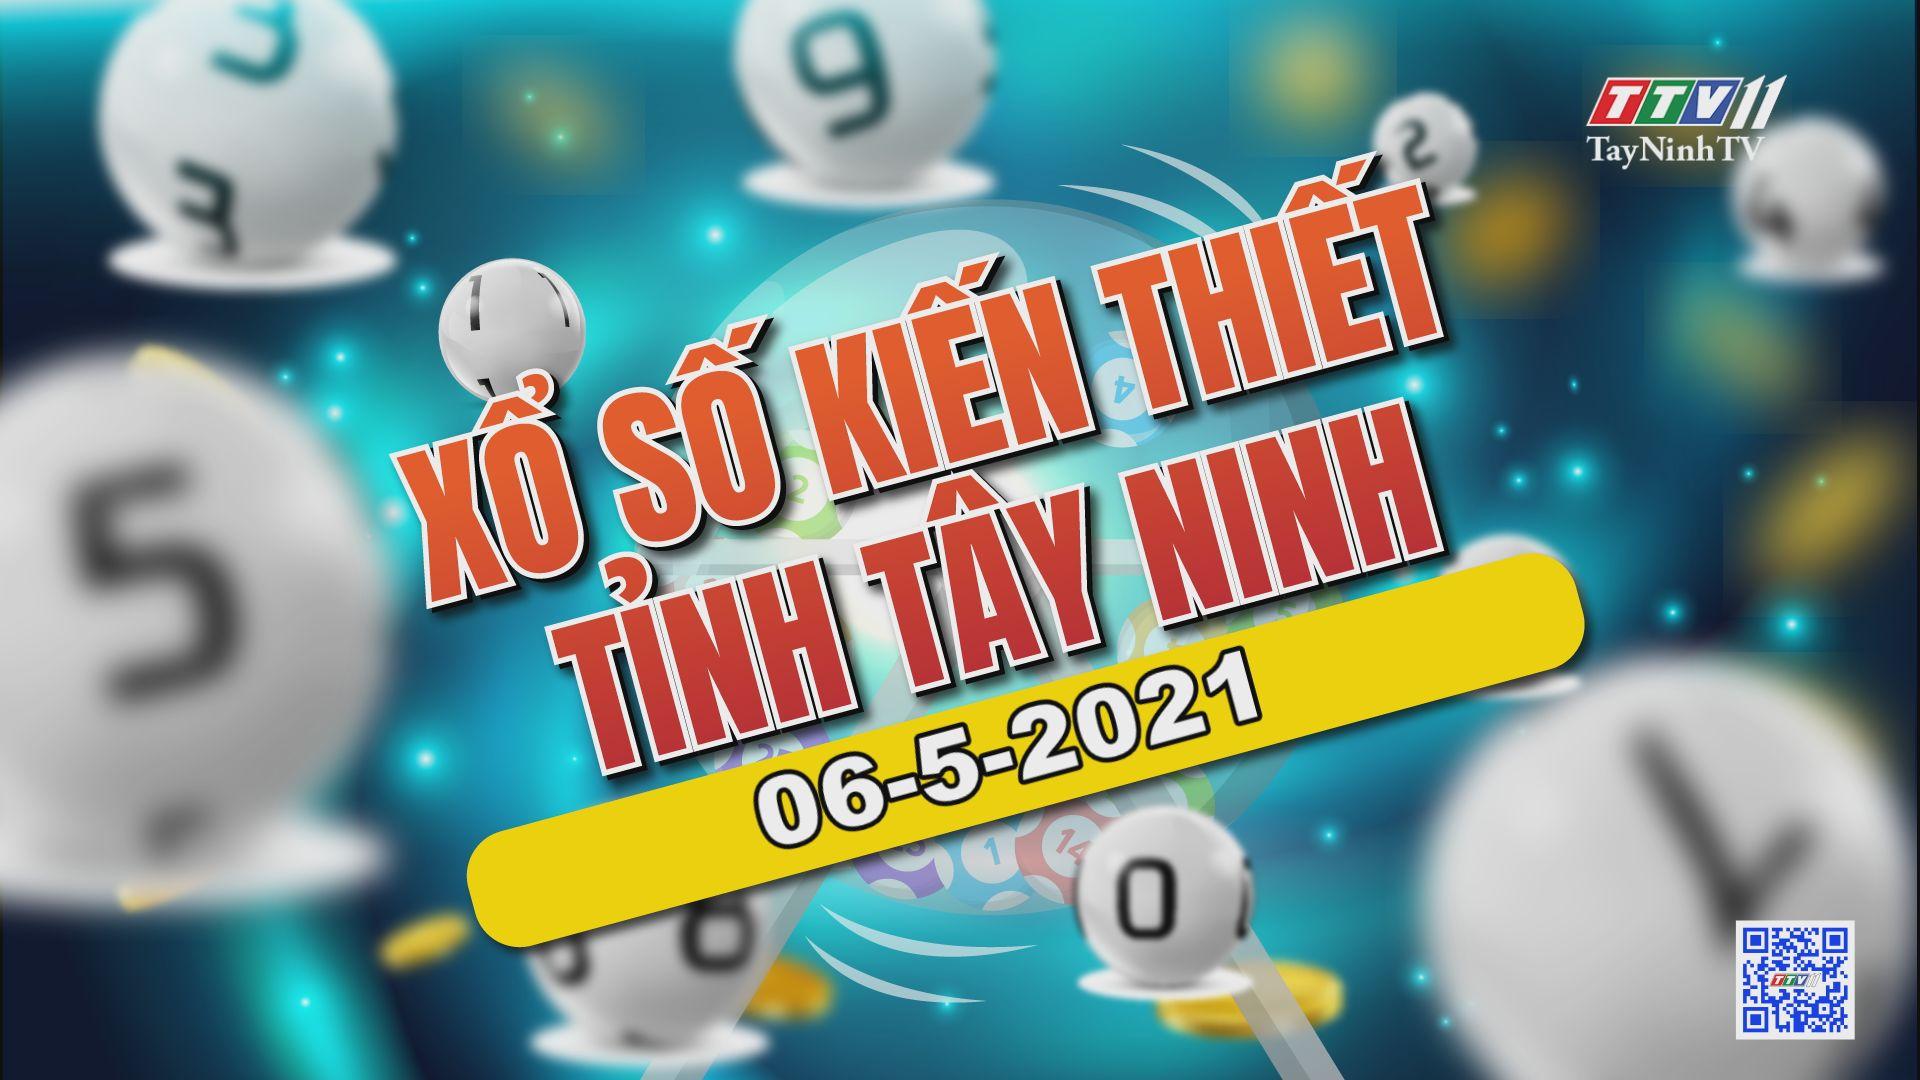 Trực tiếp Xổ số Tây Ninh ngày 06-5-2021   TayNinhTVE